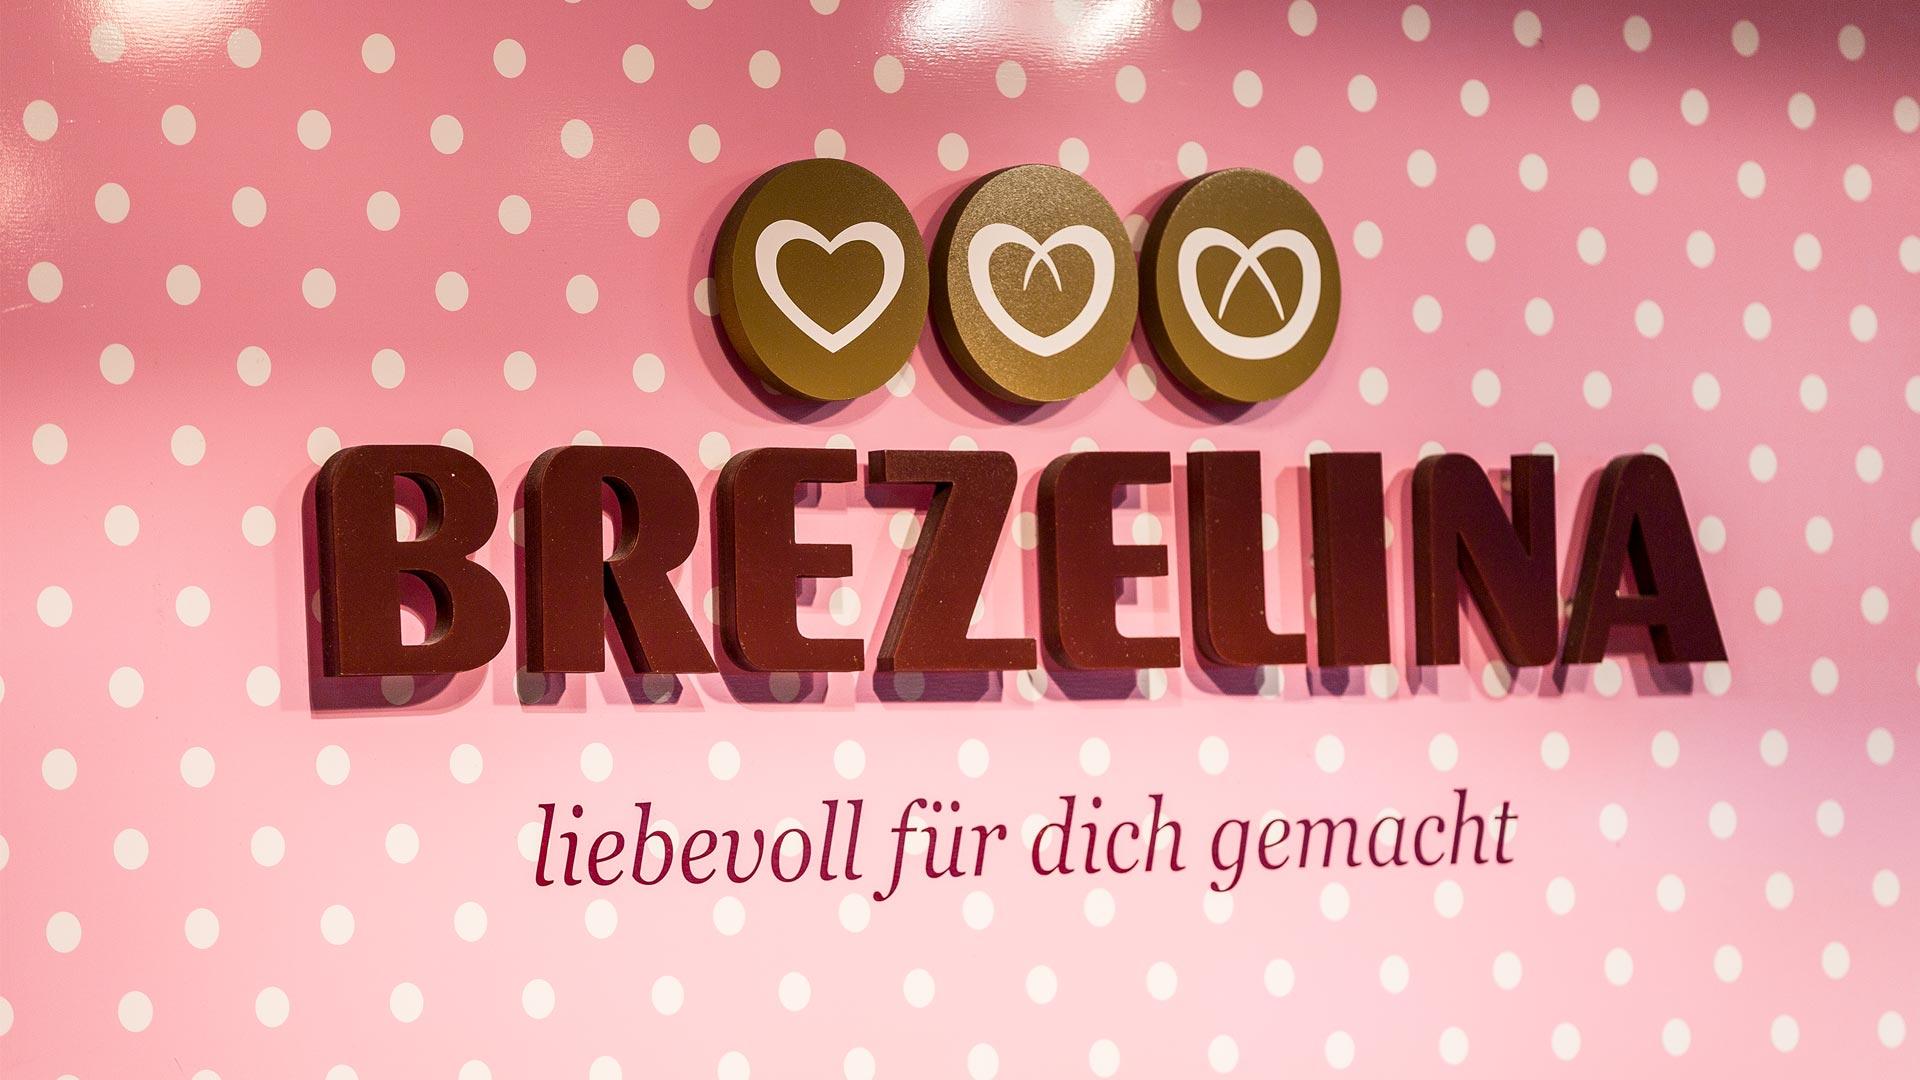 Brezelina Logo und Claim auf rosa-weiß-gepunkteter Wand